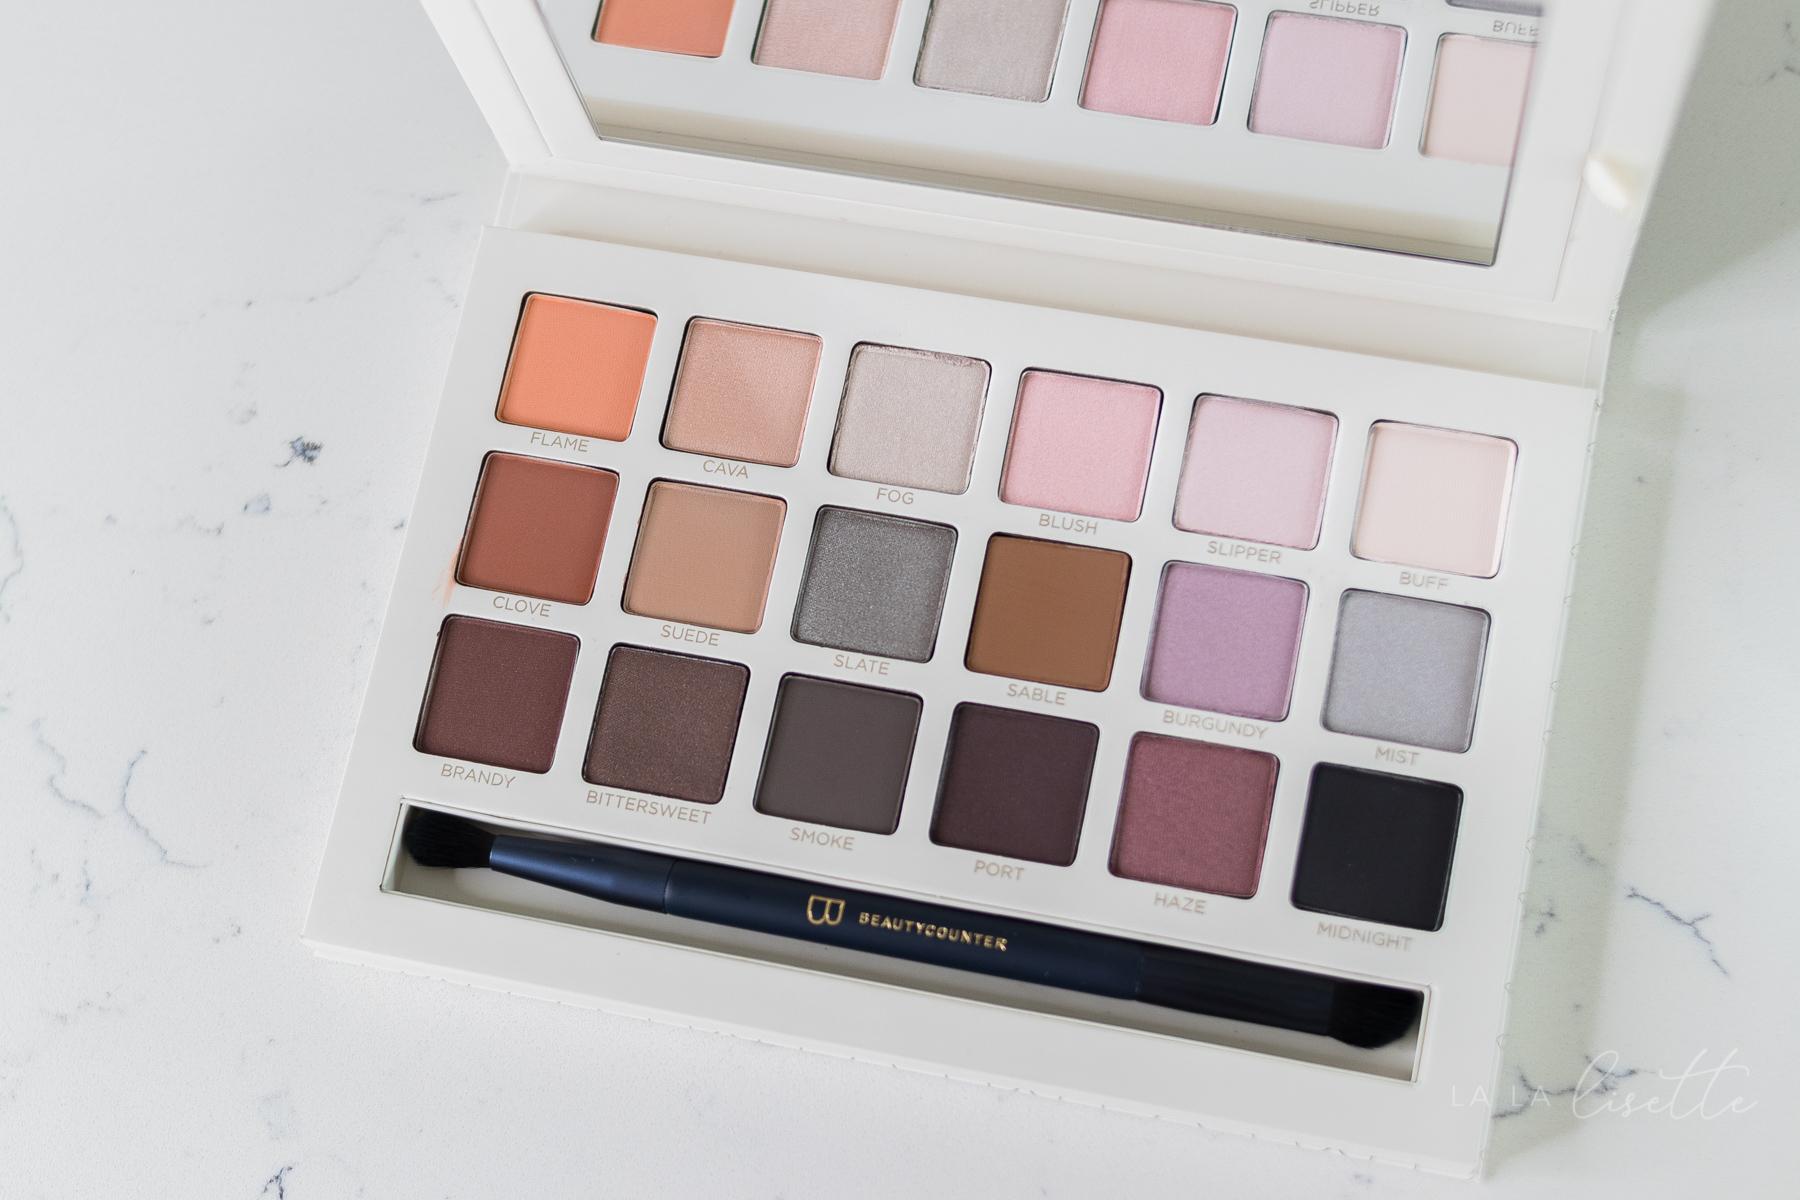 Beautycounter Necessary Nudes Eyeshadow Pallette | Lisette Harrington - Jacksonville FL consultant